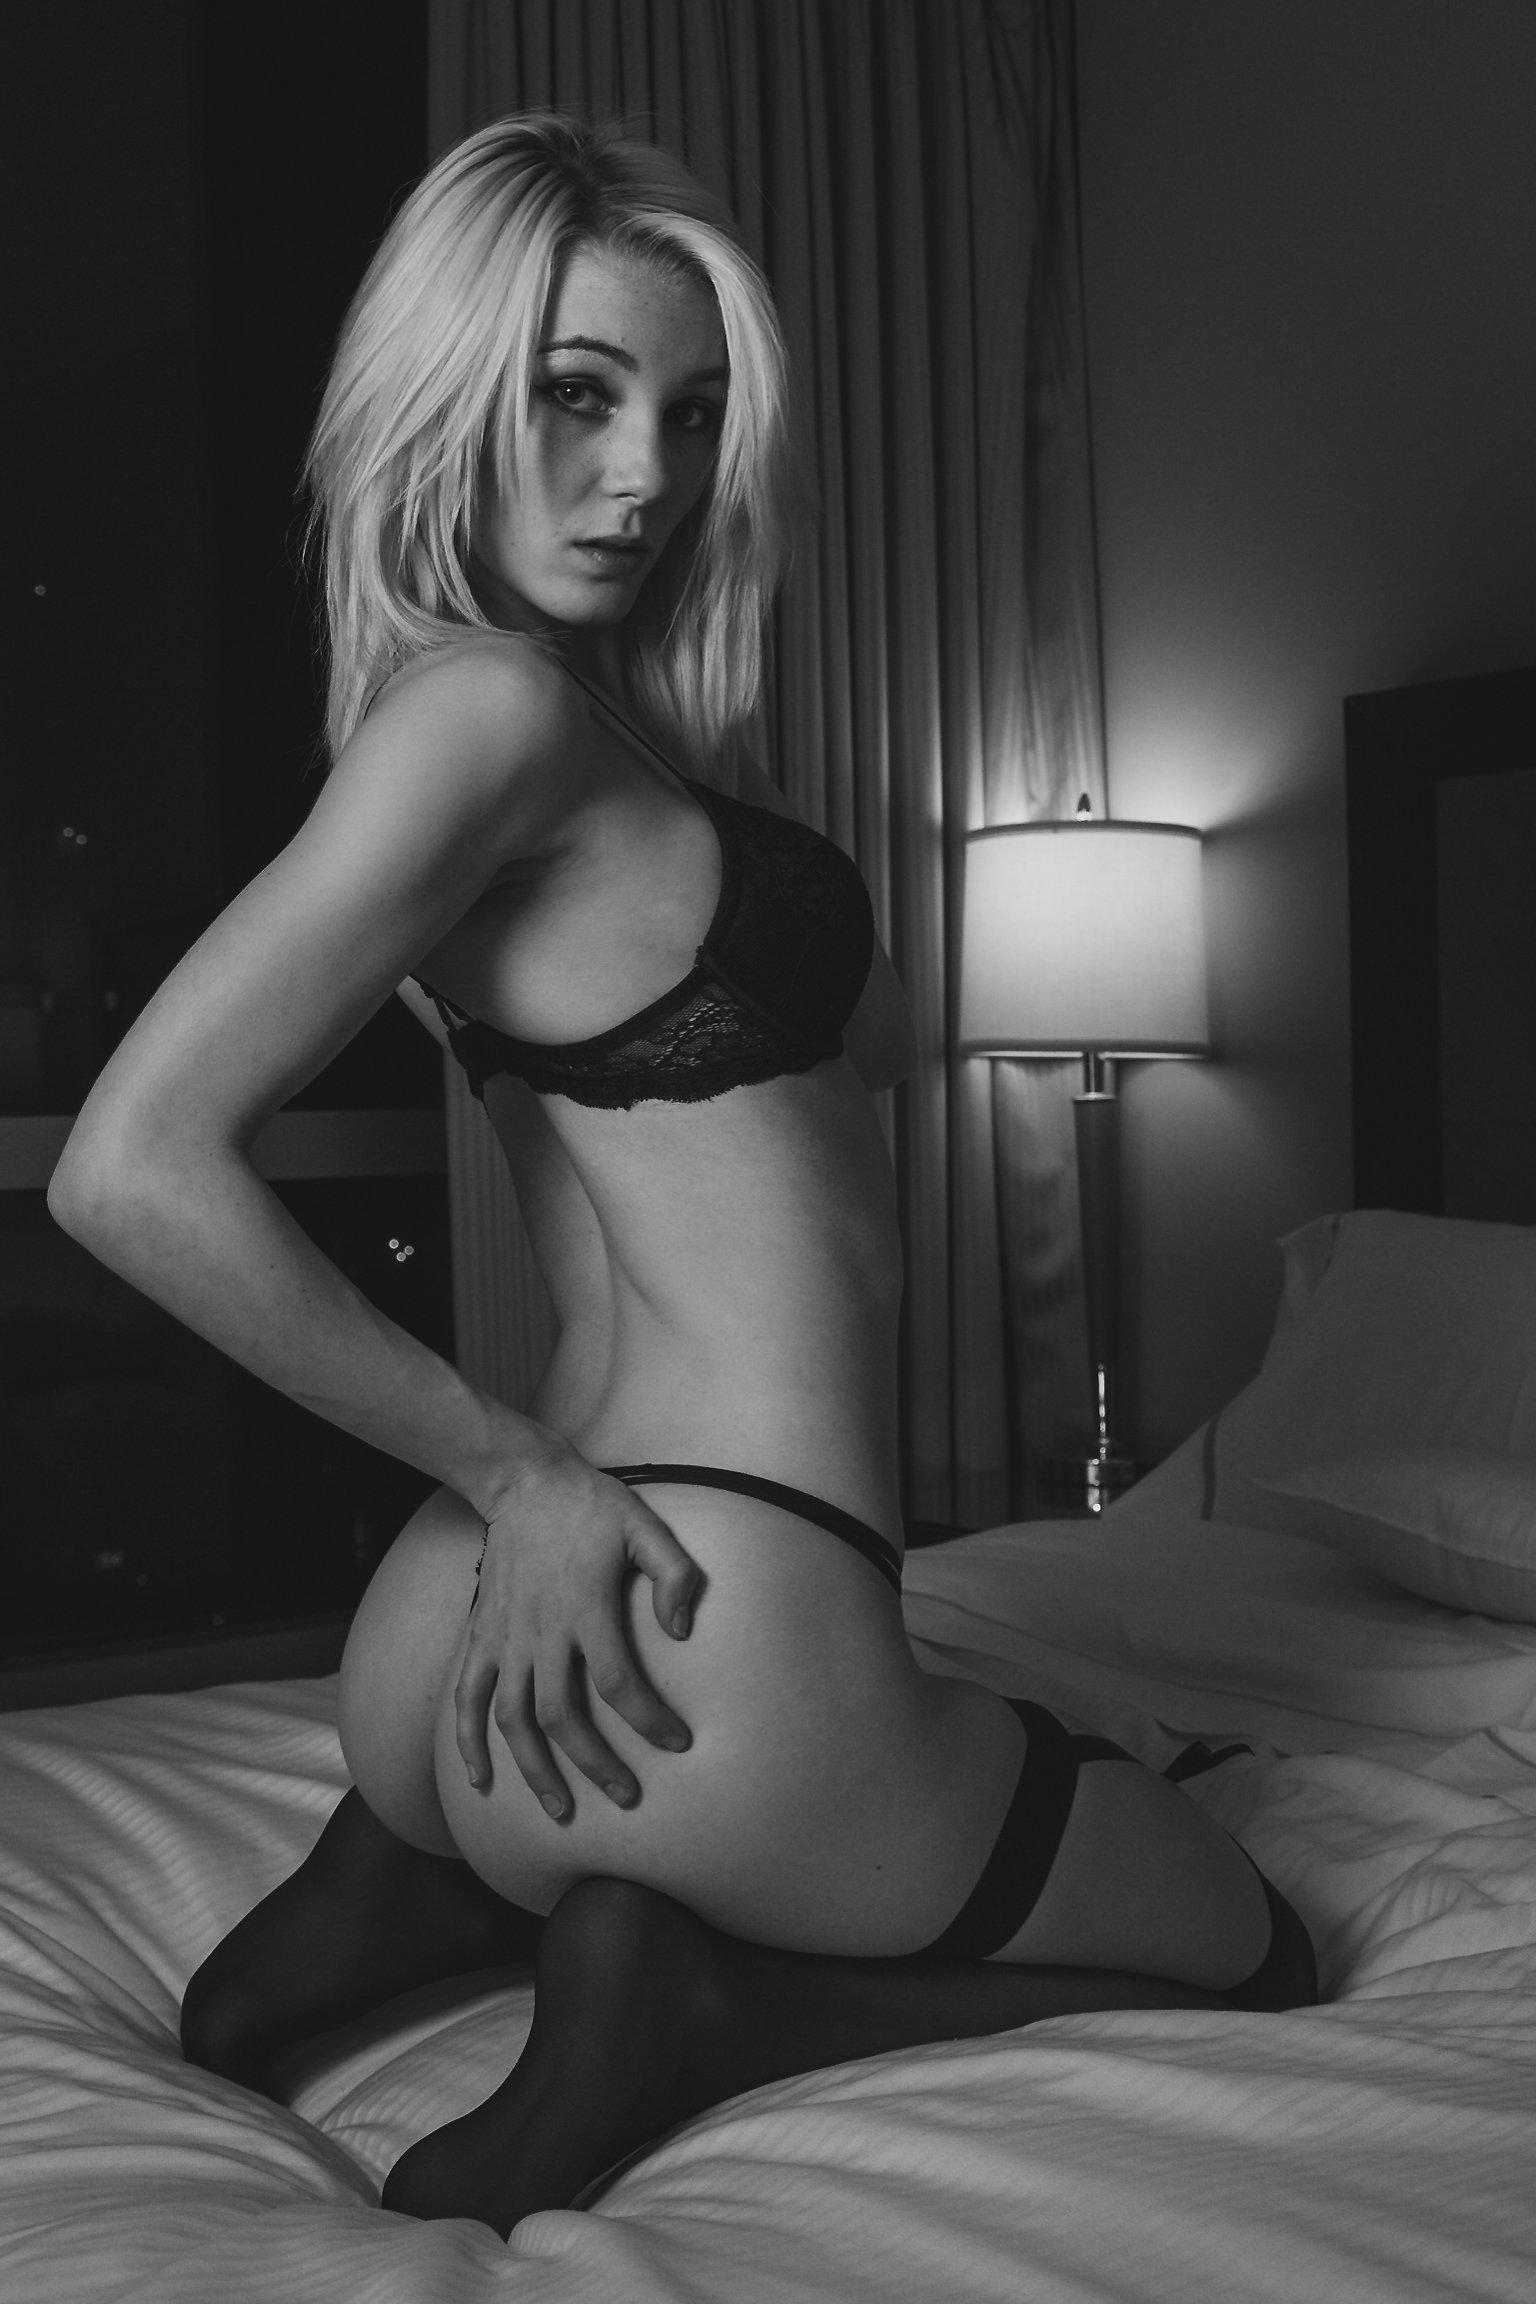 Wallpaper : stpeach, blonde, monochrome, ass grab, bra